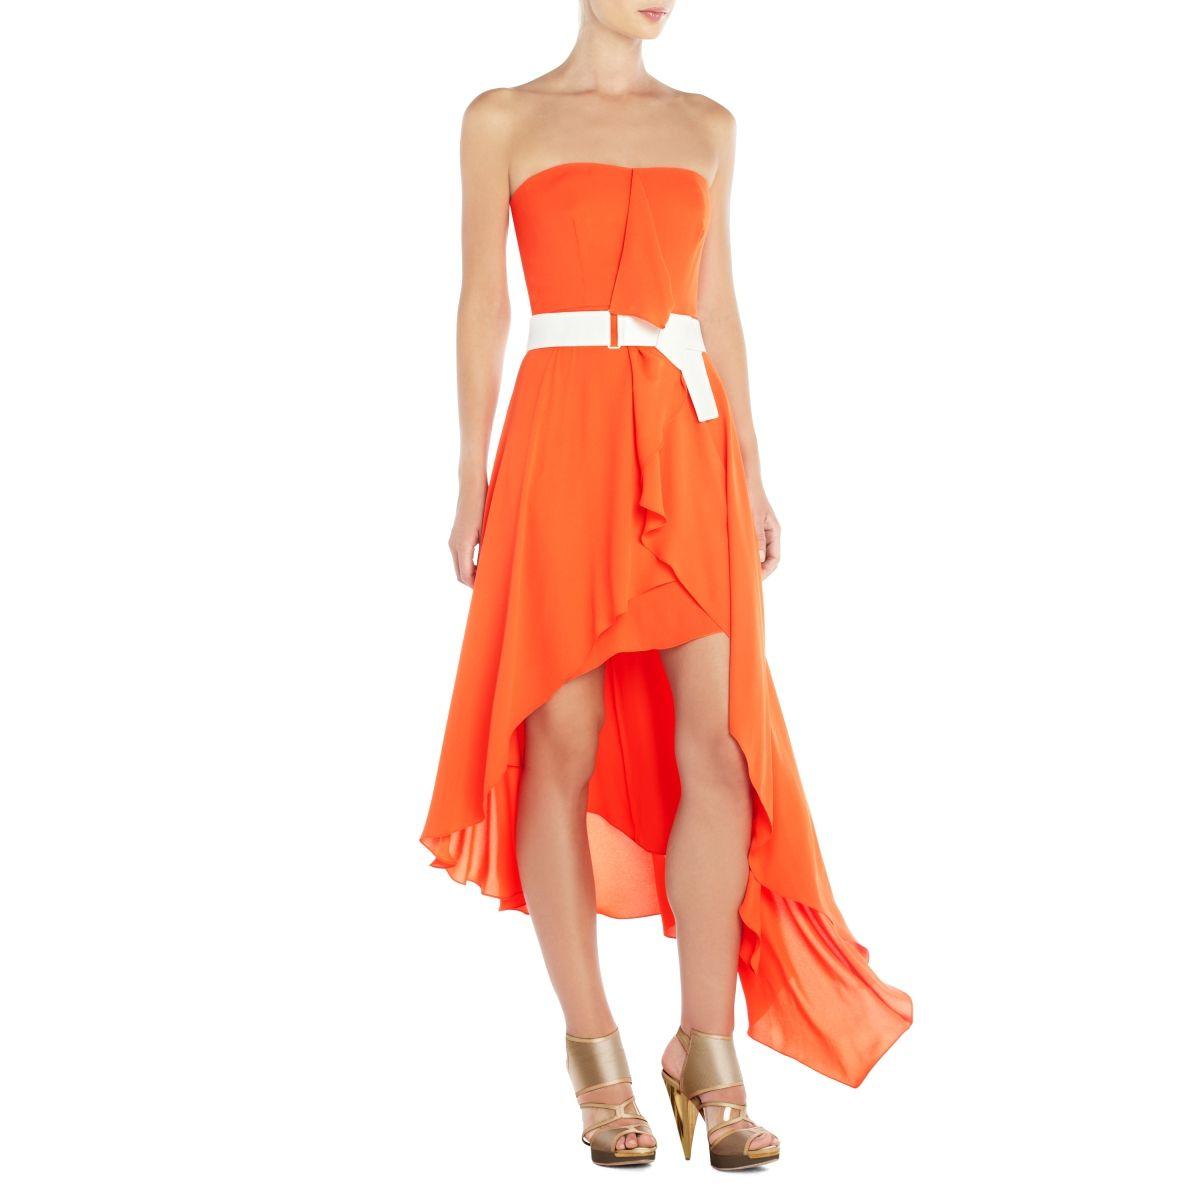 cute orange dress...love it!